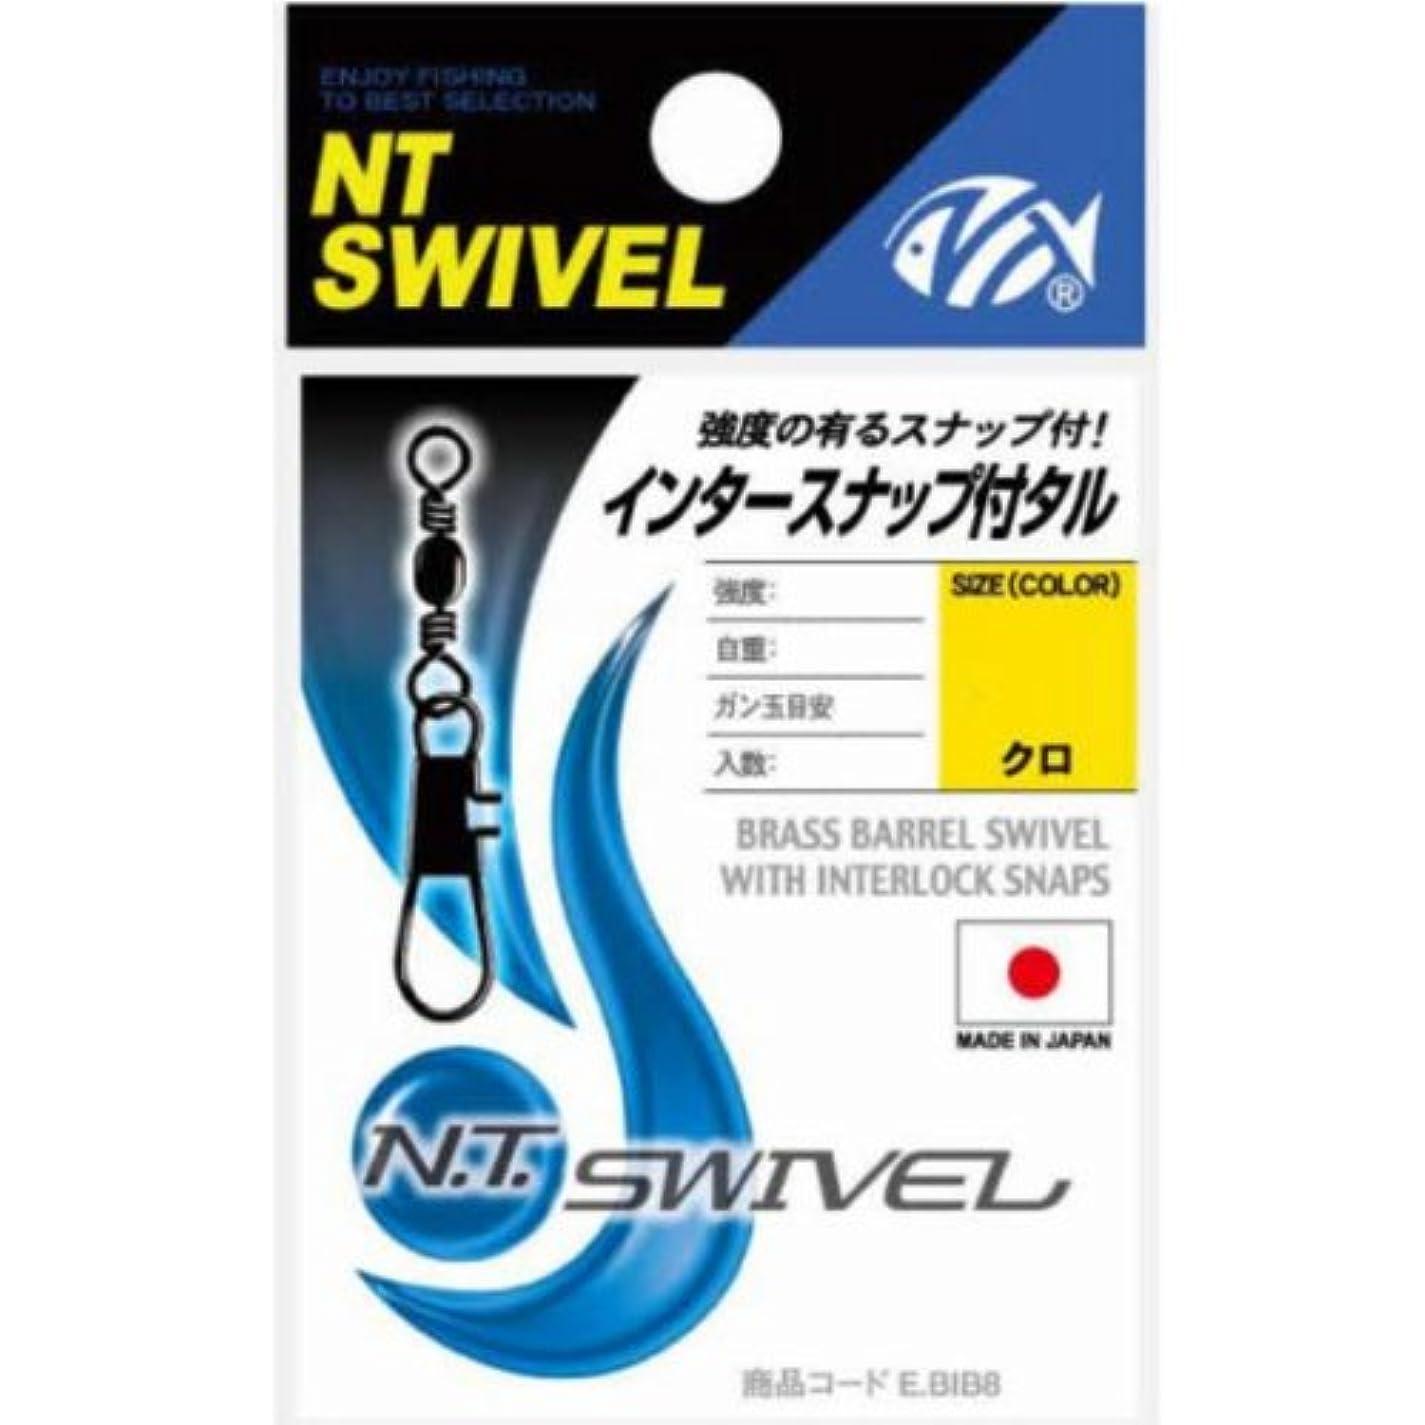 ふざけた参加者プラカードNTスイベル(N.T.SWIVEL) インタースナップ付タル クロ #3